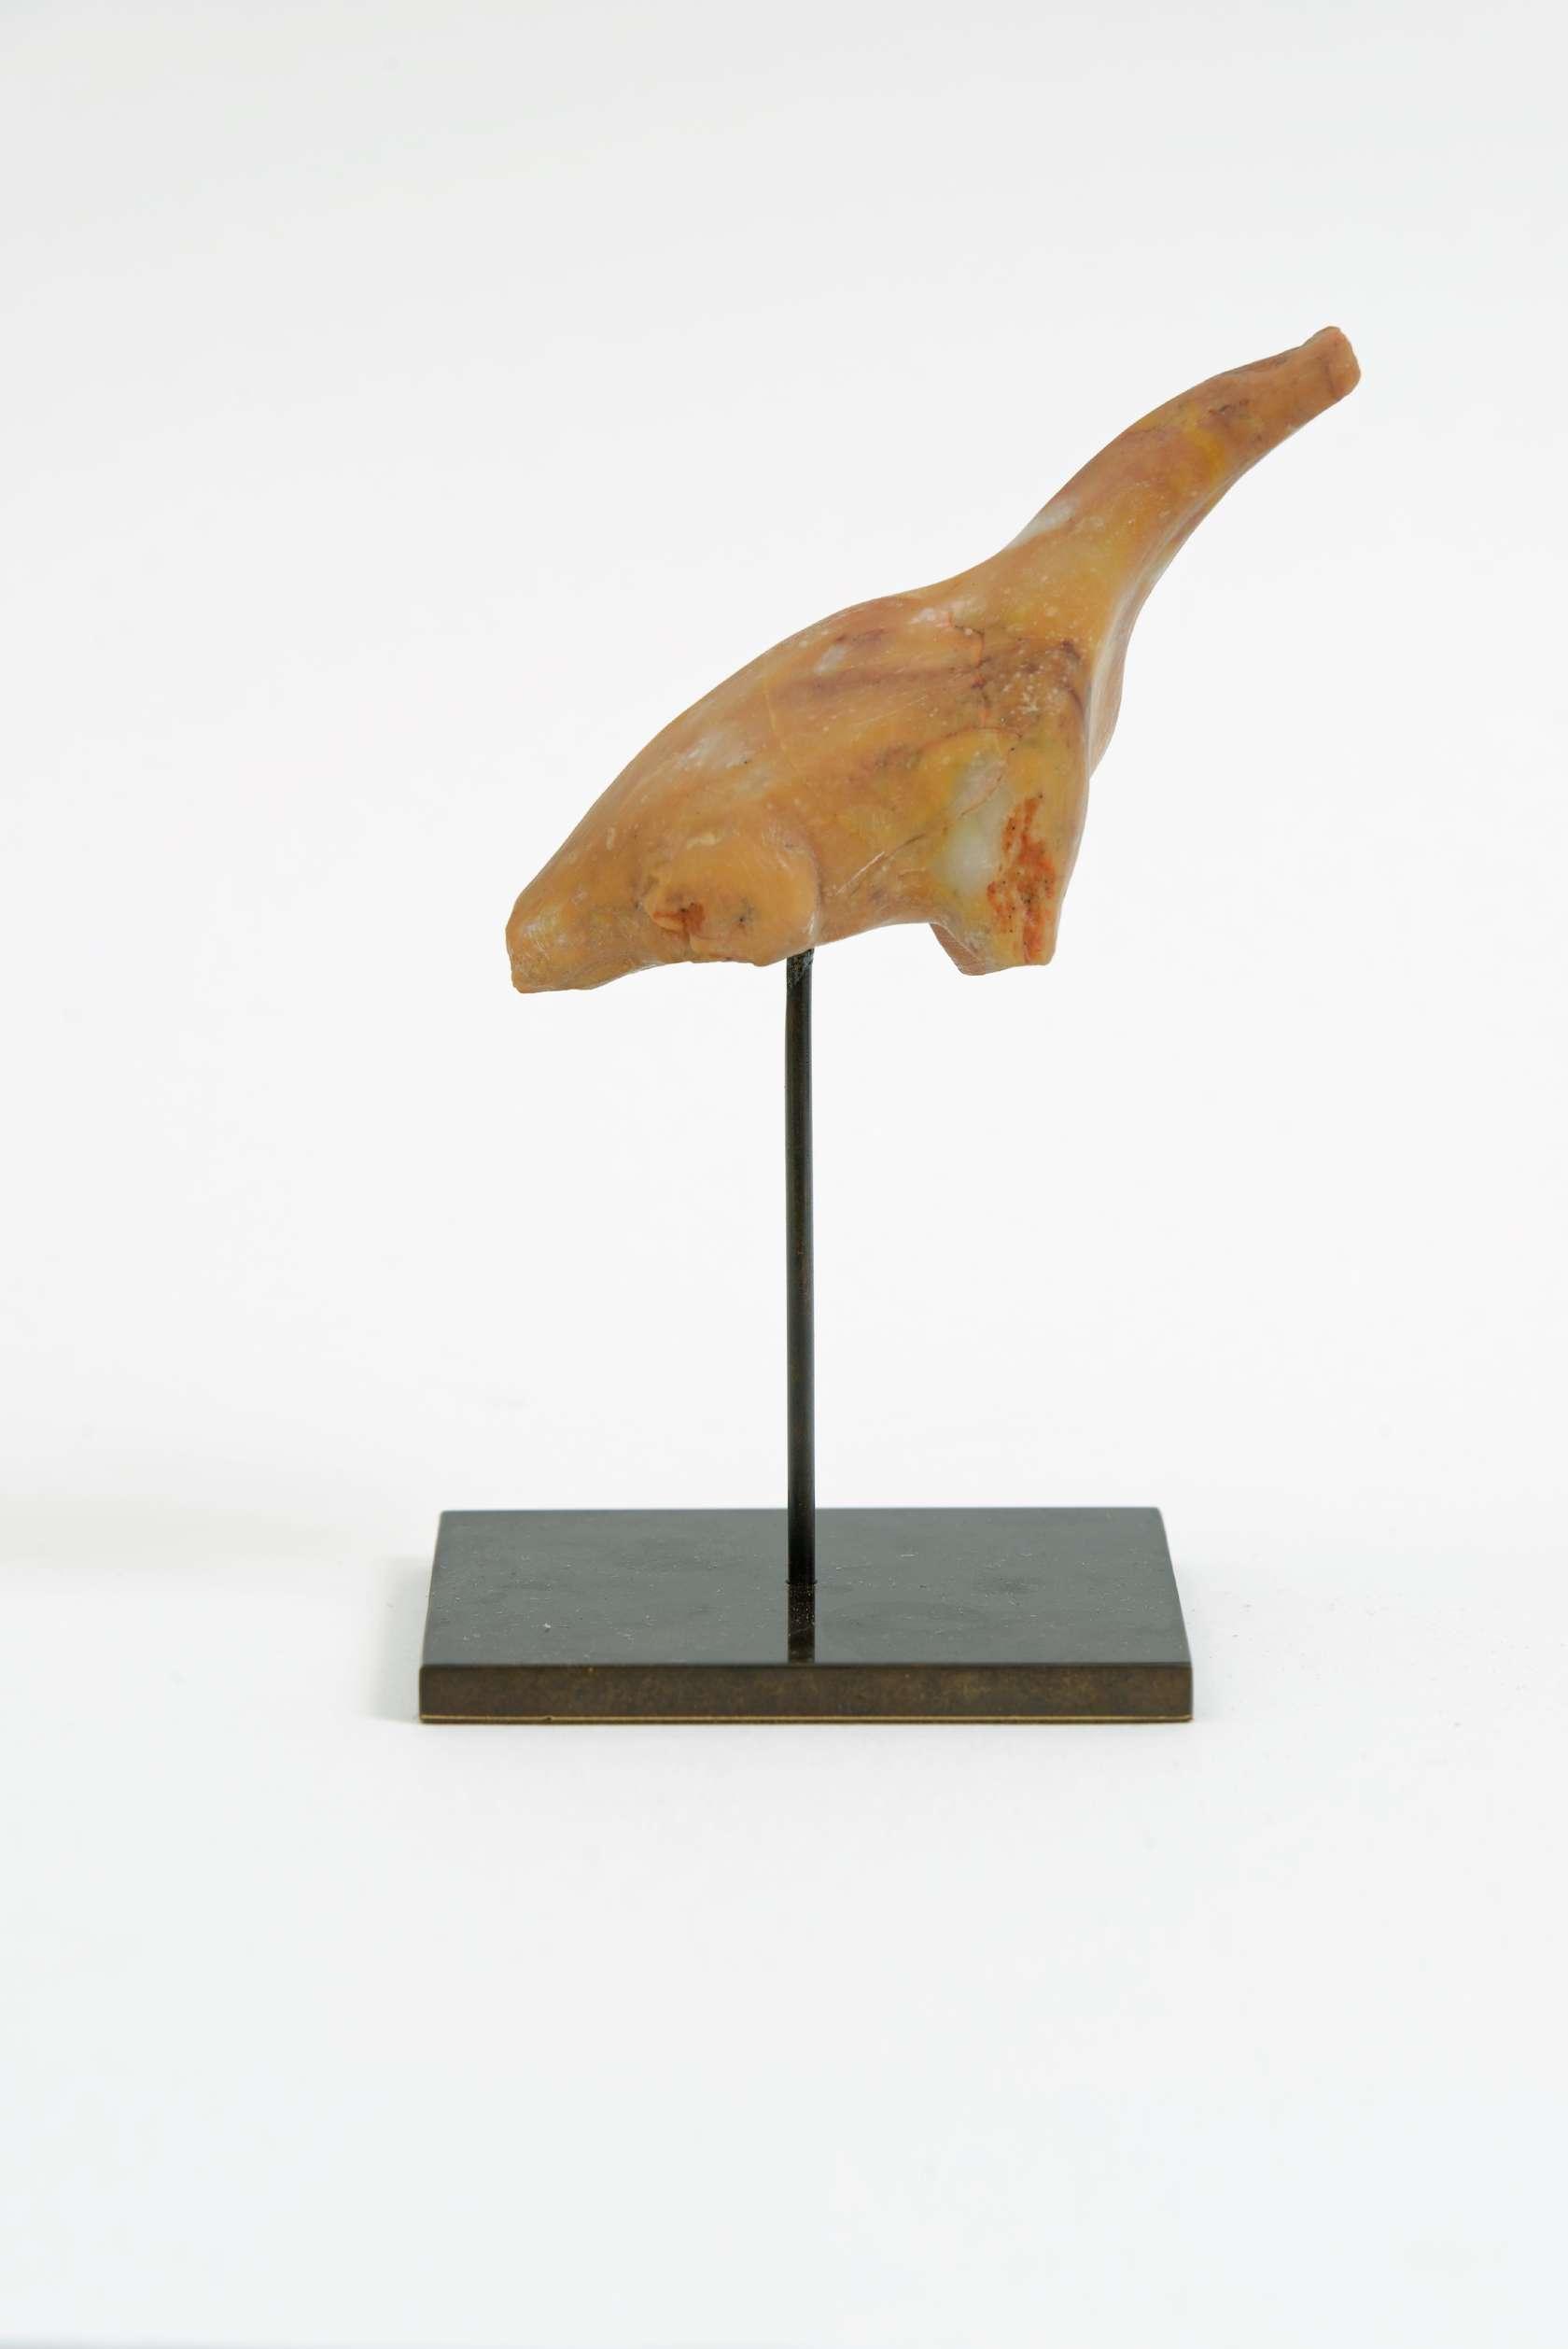 Laurent Le Deunff, Brachiosaurus I, 2015 Grès rose, socle en laiton6.3 × 10.1 × 3.5 cm / 2 1/2 × 4  × 1 3/8 in.